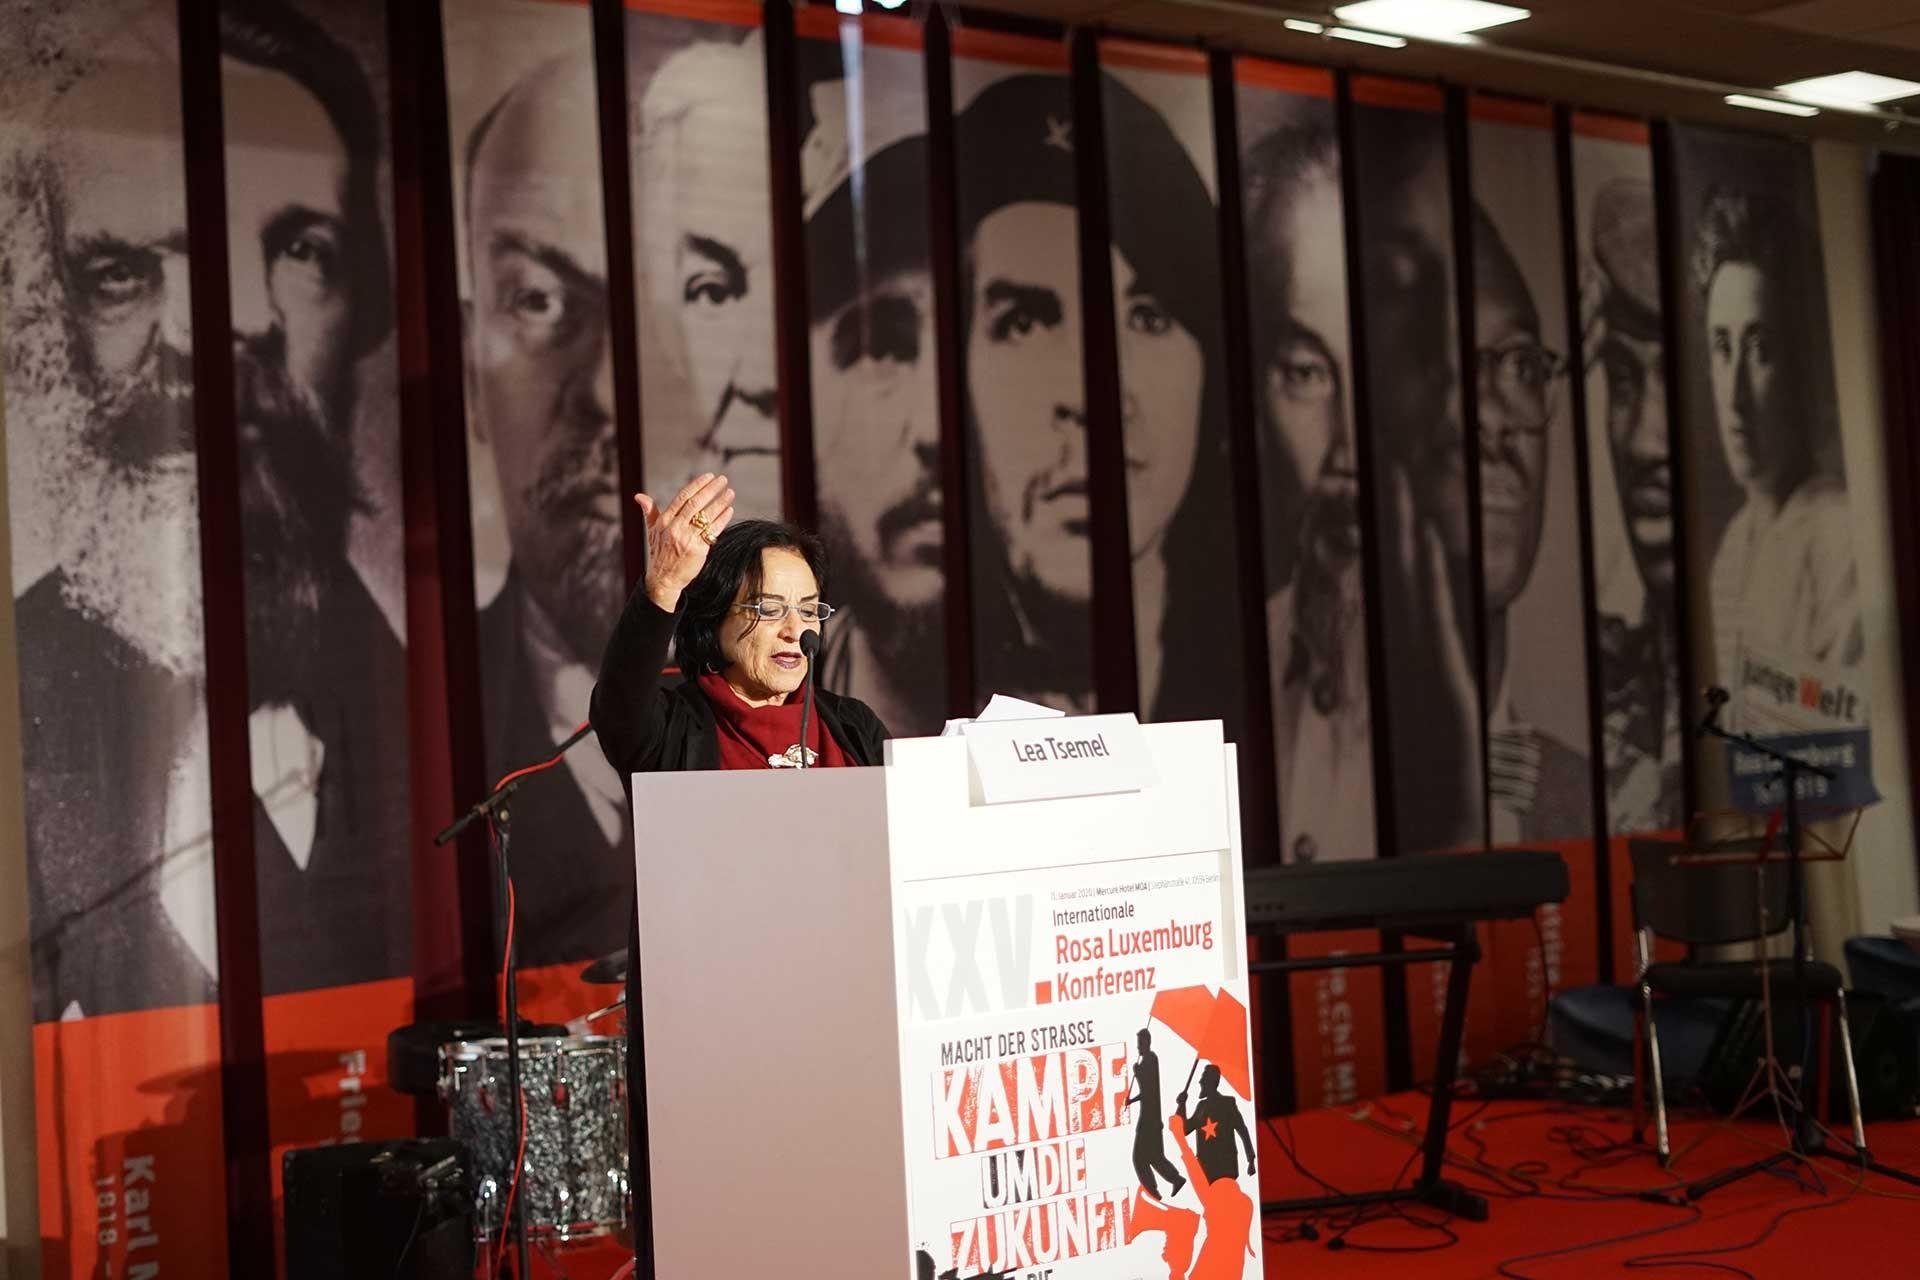 Lea Tsemel, Rosa Luxemburg Konferansı'nda konuşma yaparken